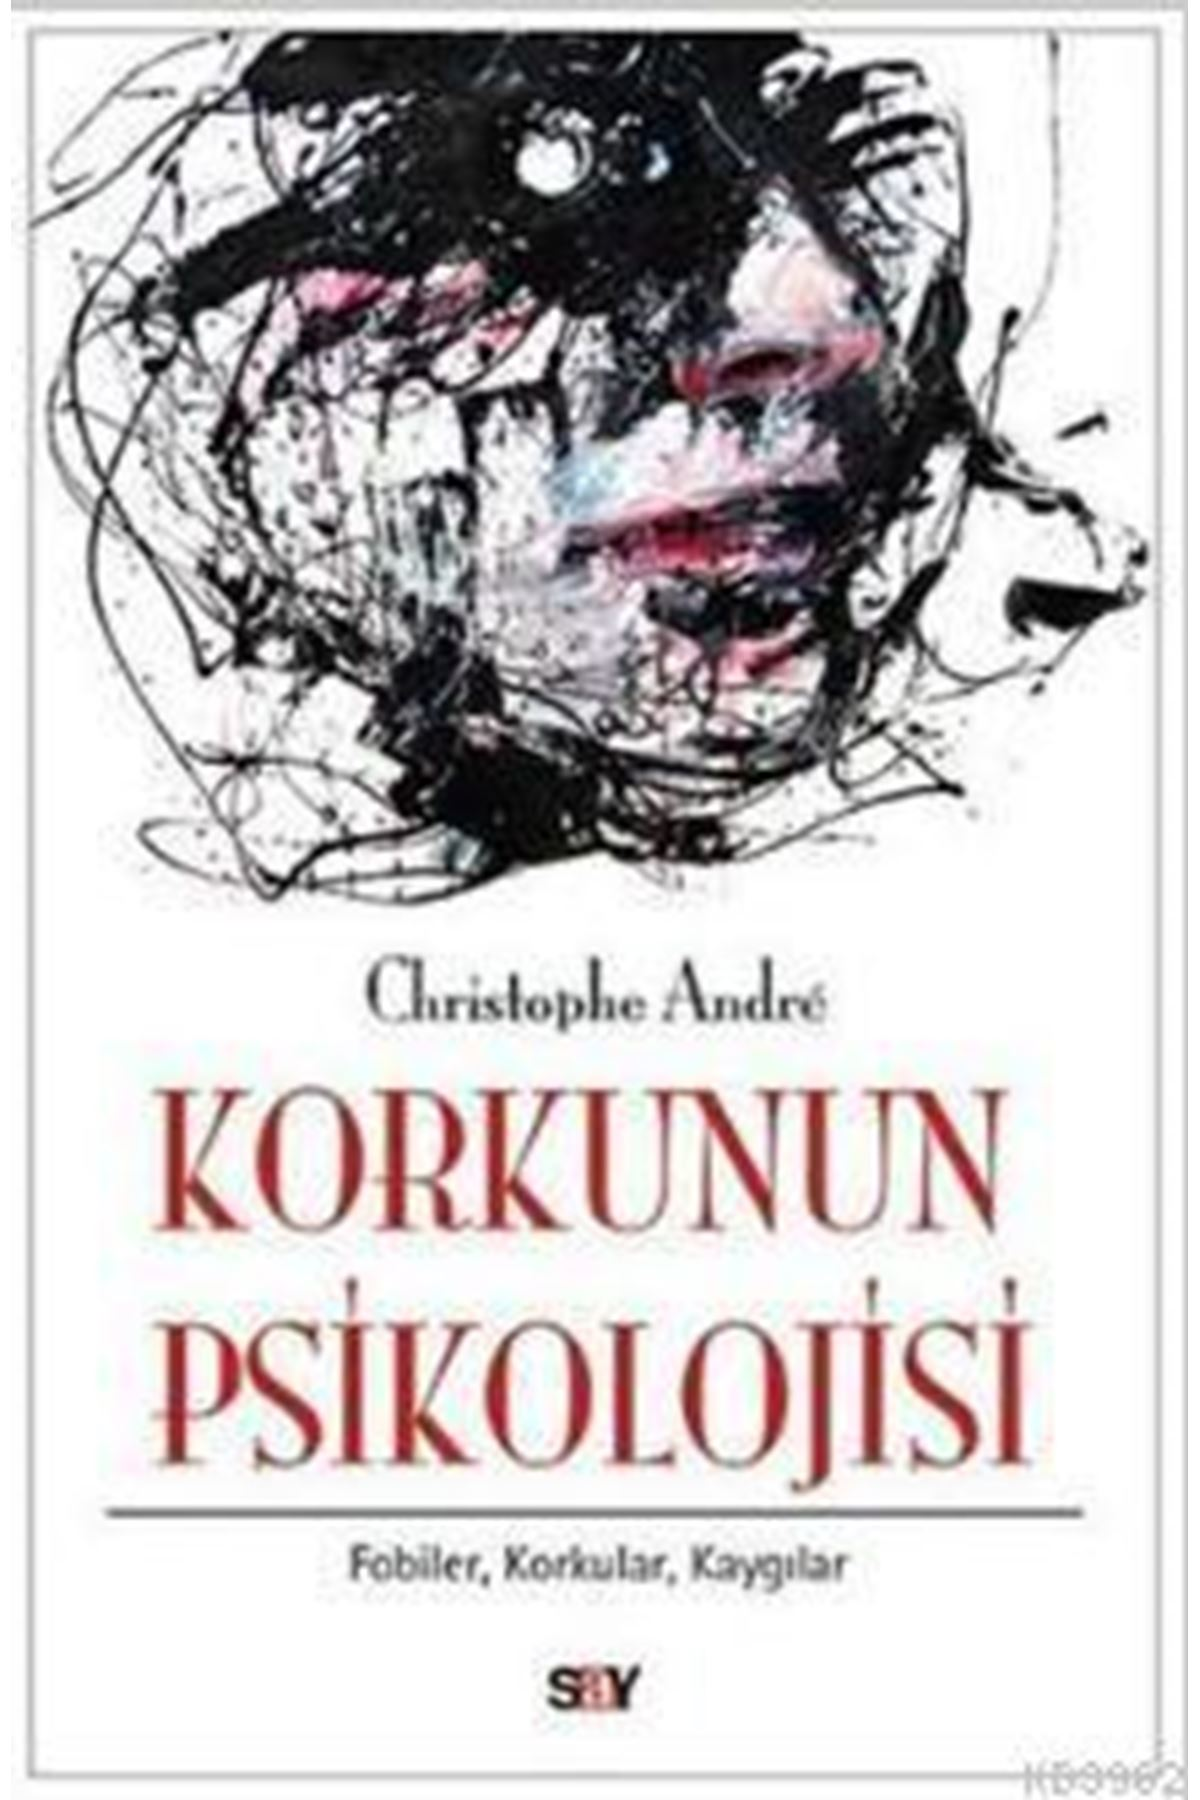 CHRİSTOPHE ANDRE - KORKUNUN PSİKOLOJİSİ